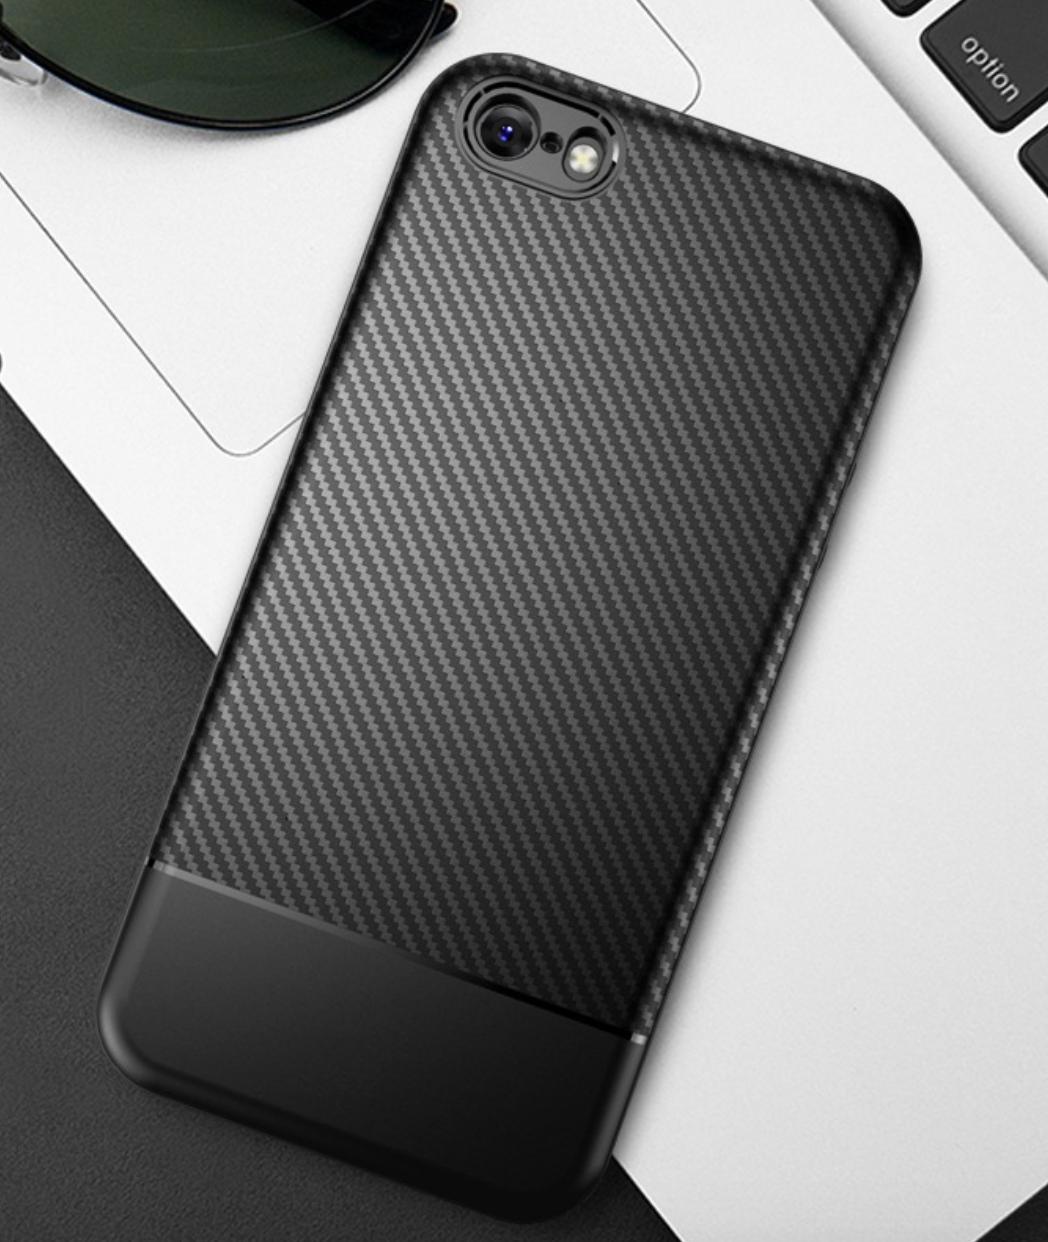 Чехол накладка противоударный Carbon NEW для iPhone 5/5s/se